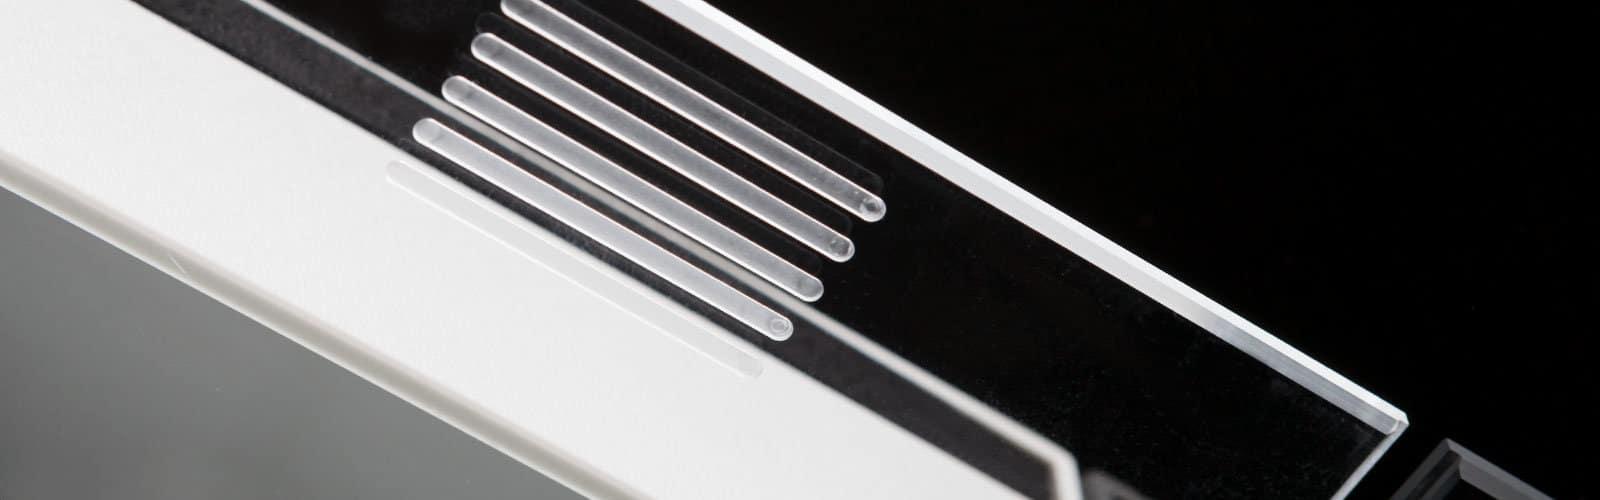 Acrylglas-Detail von mentec®